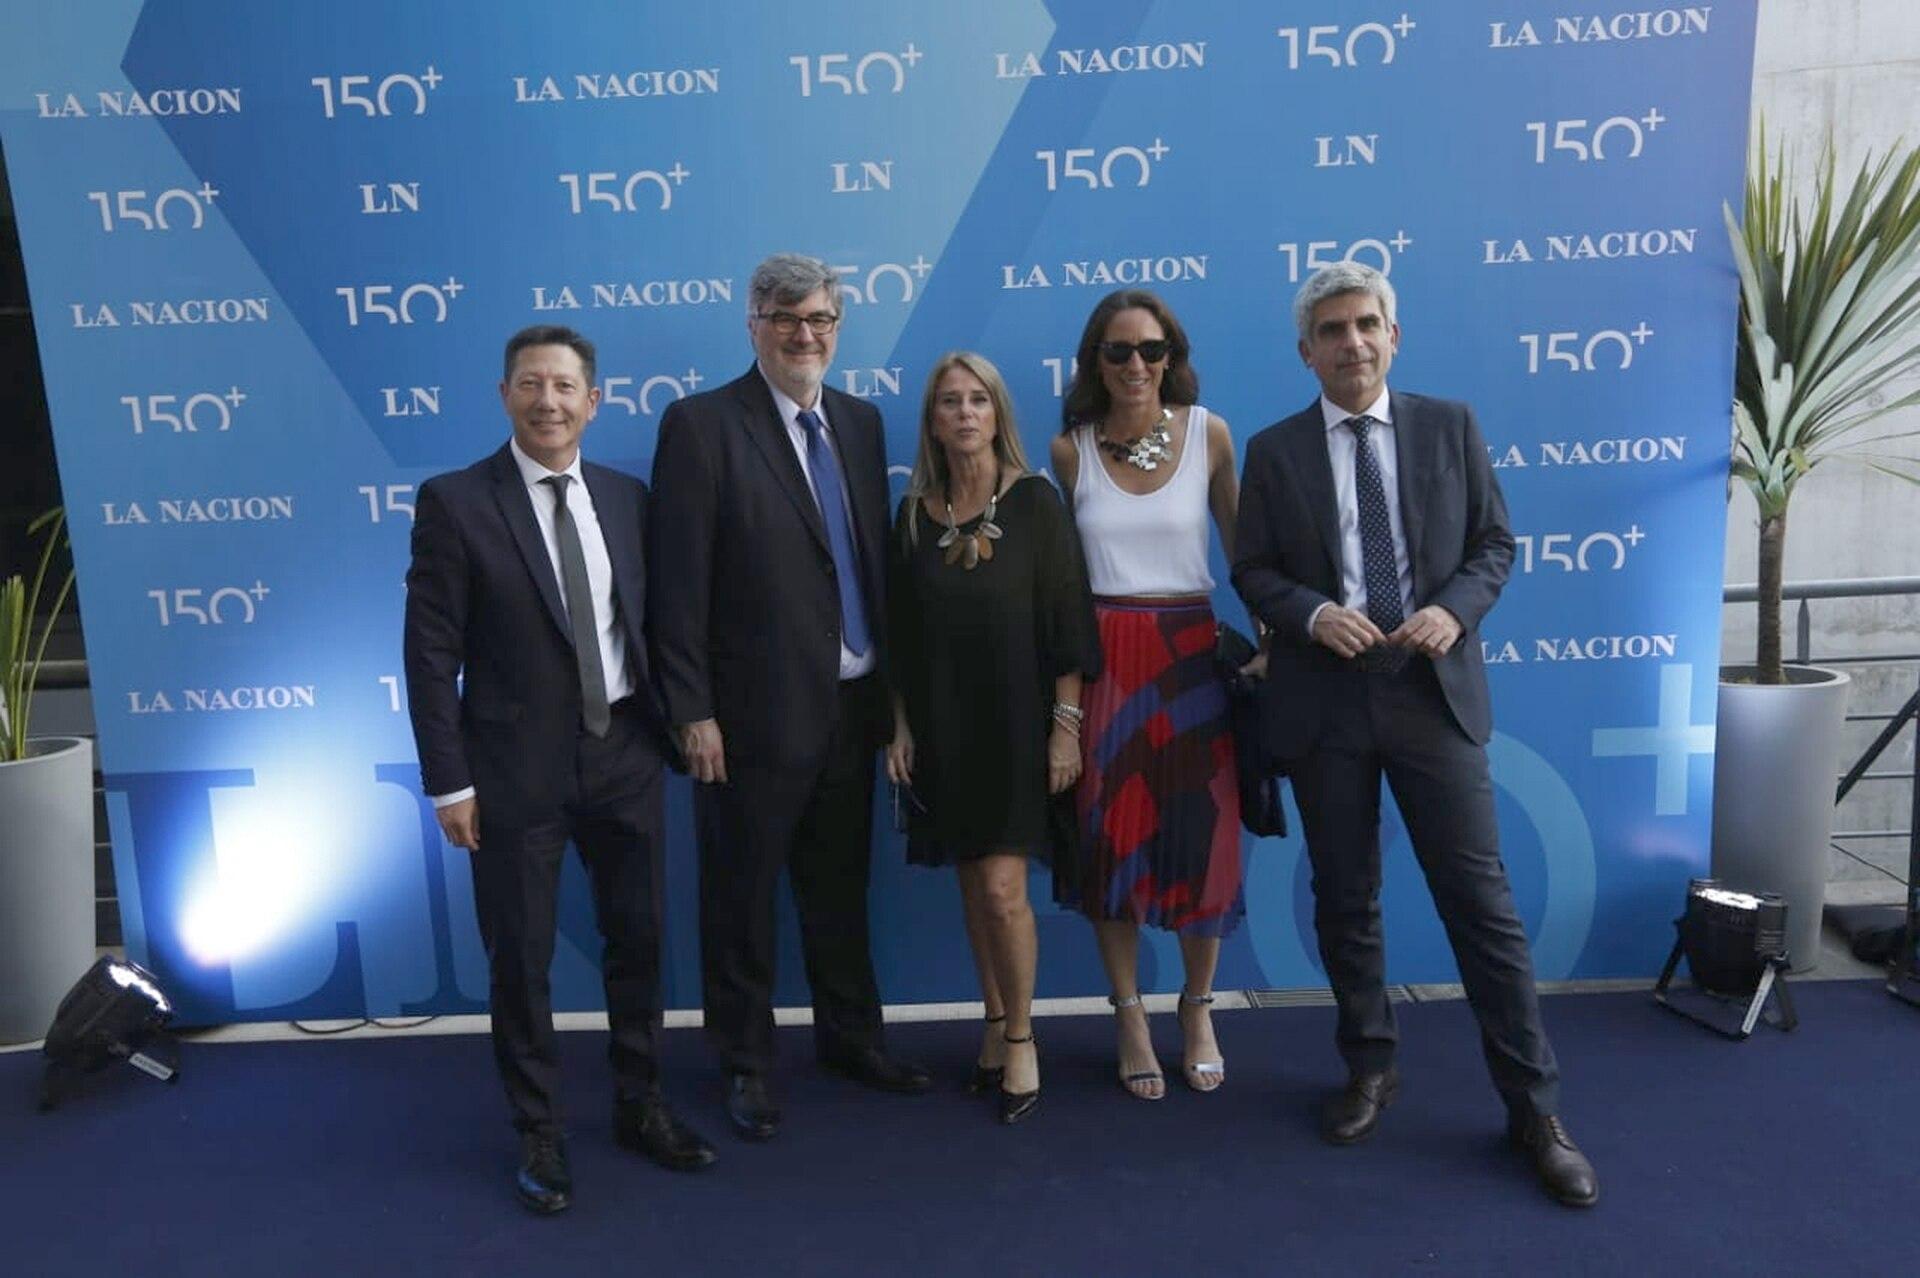 Jorge Rosales, Sergio Suppo, Gail Scriven, Inés Capdevila y Martín Rodríguez Yebra, Secretarios de Redacción de LA NACION